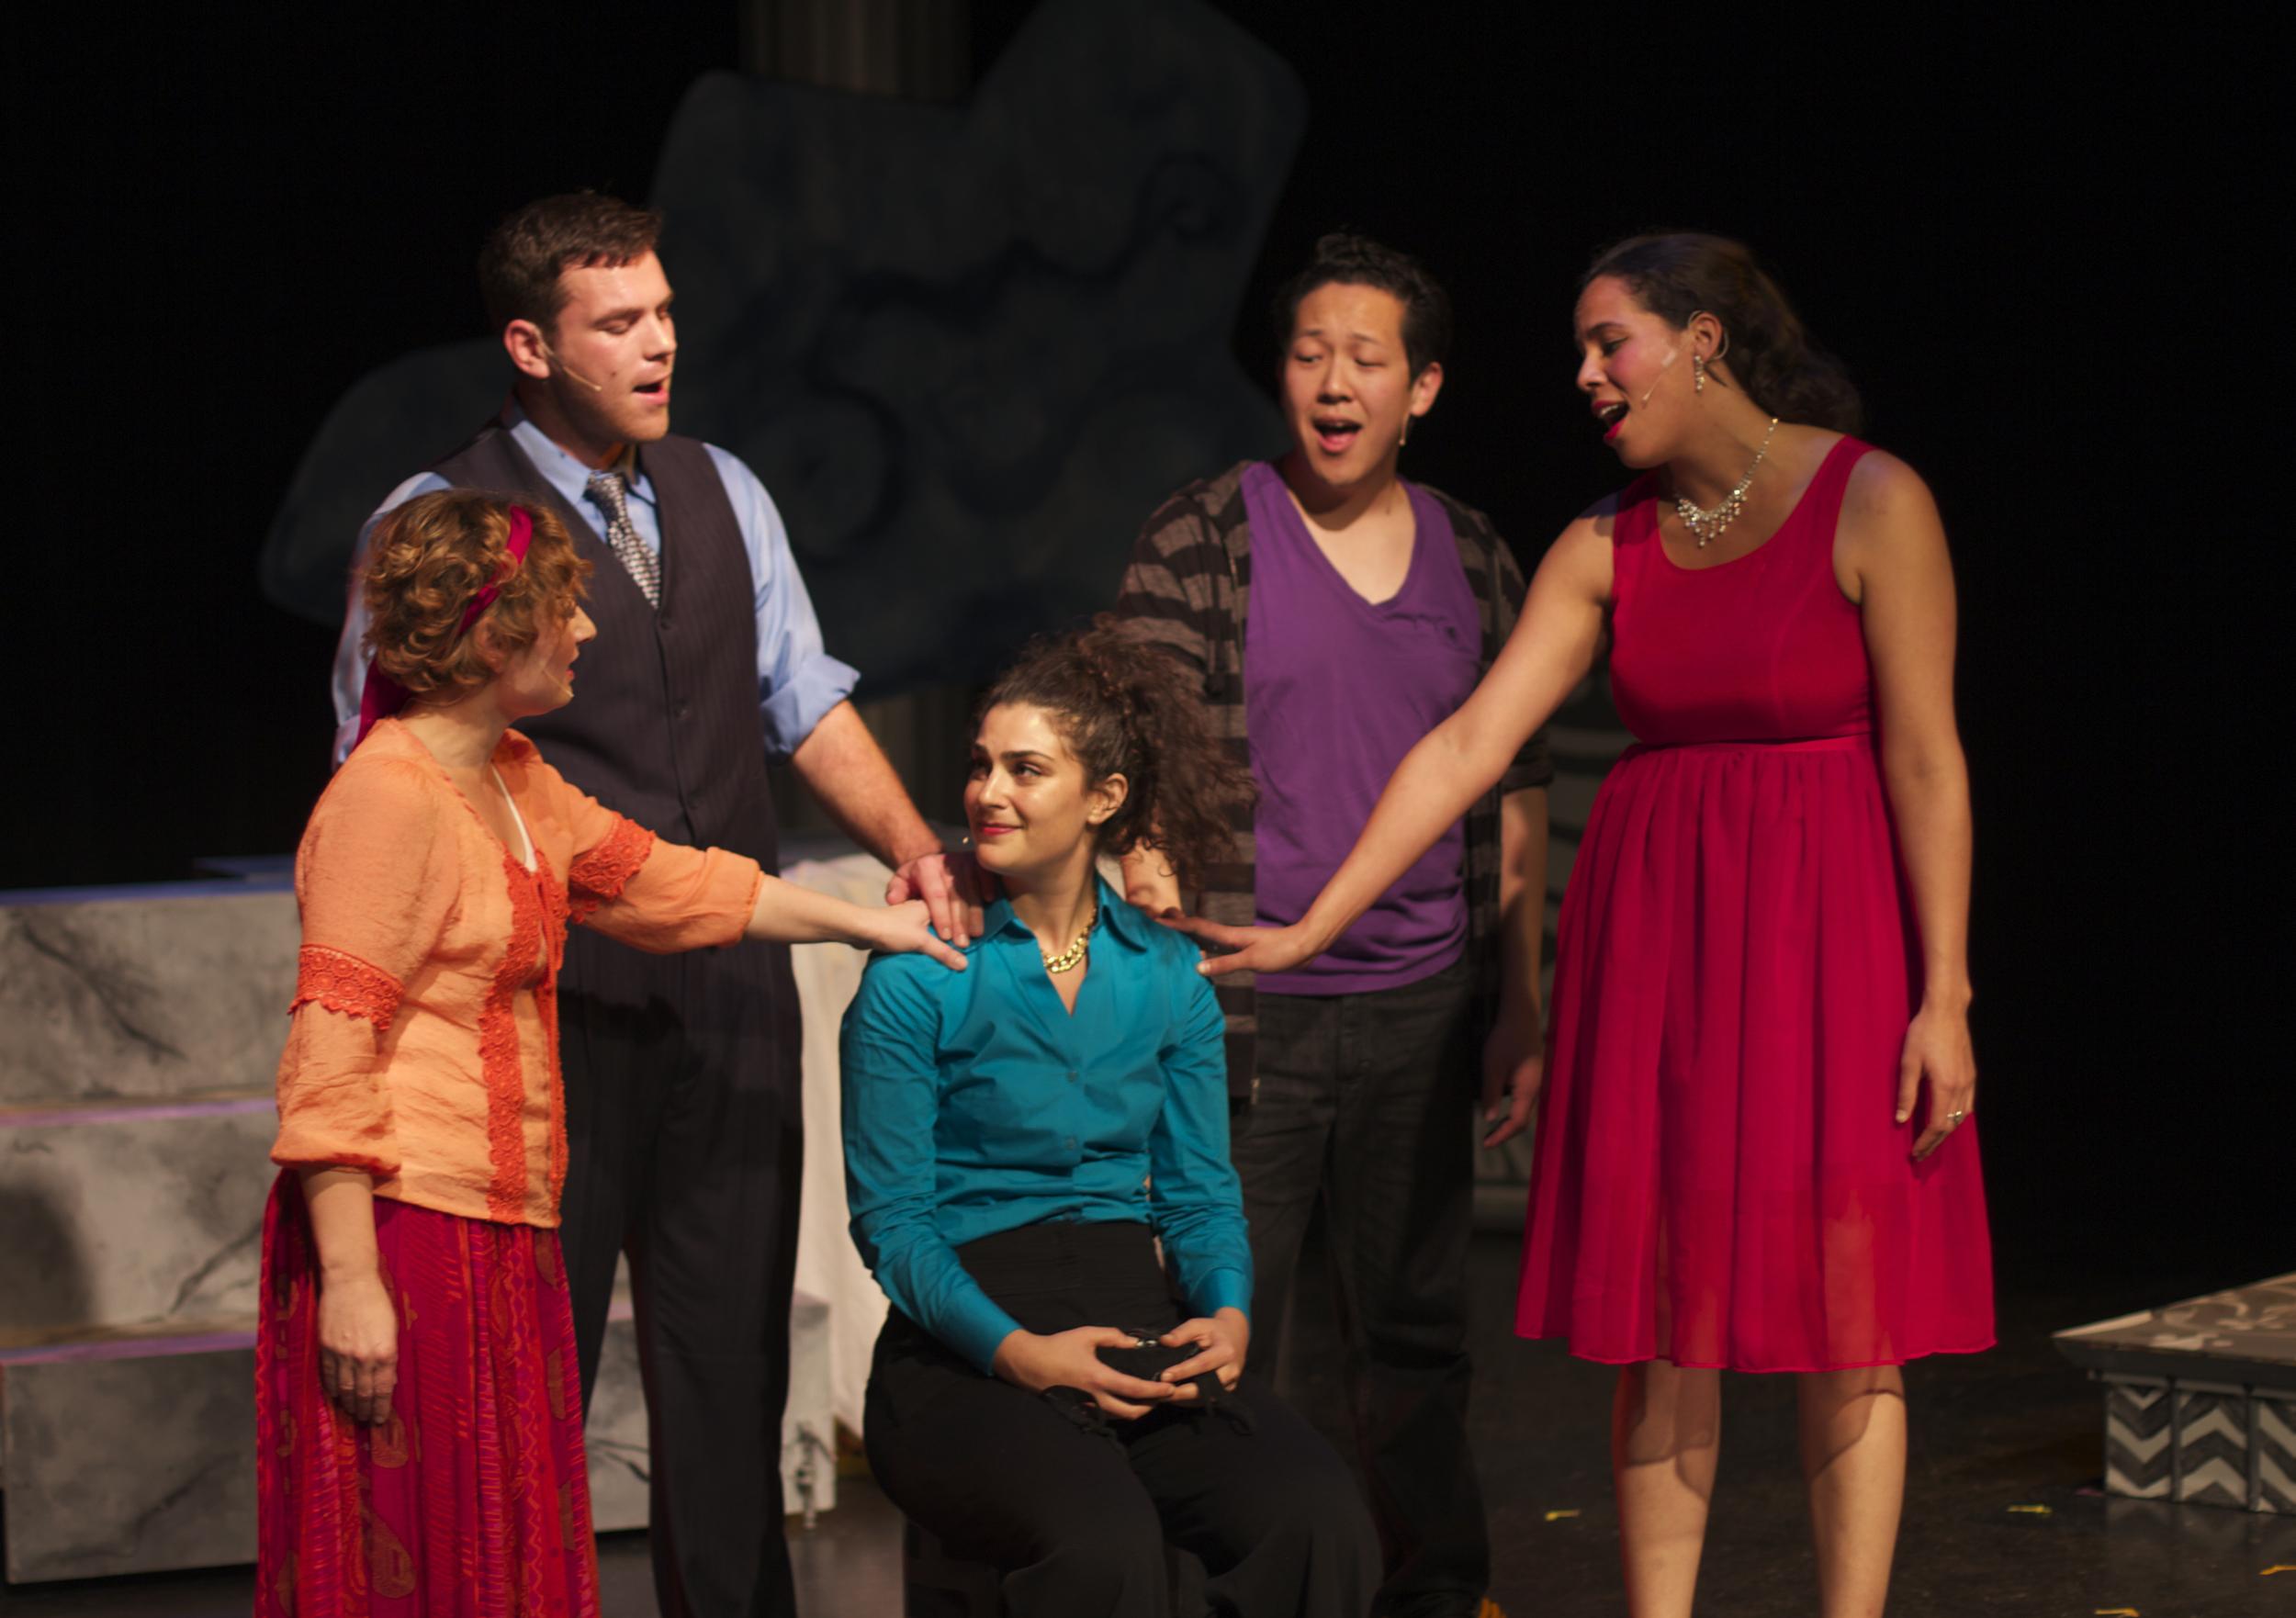 Calliope (Chrissy Brooks), Zeus (Steven Shear), Hermes (Min Kahng) and Aphrodite (Lauren Spencer) tell Athena (Michelle Drexler) she's not so bad.